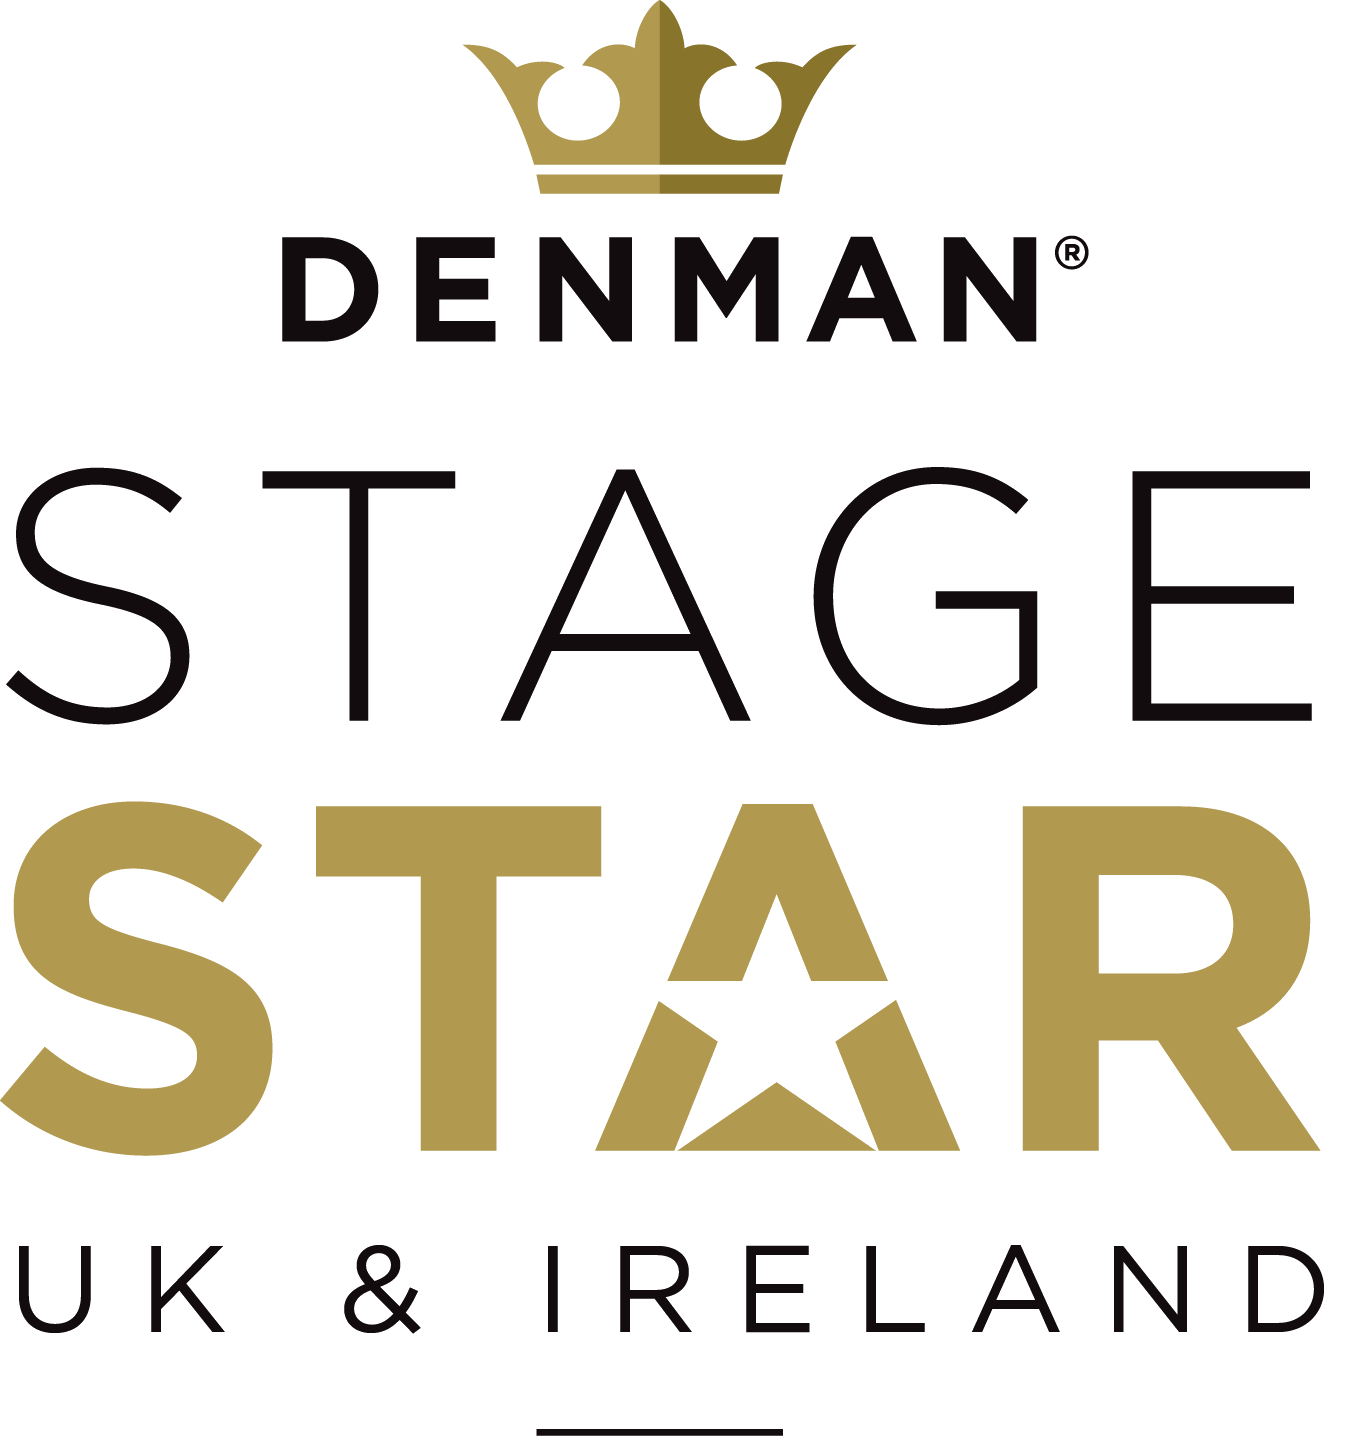 denman stage star 2021